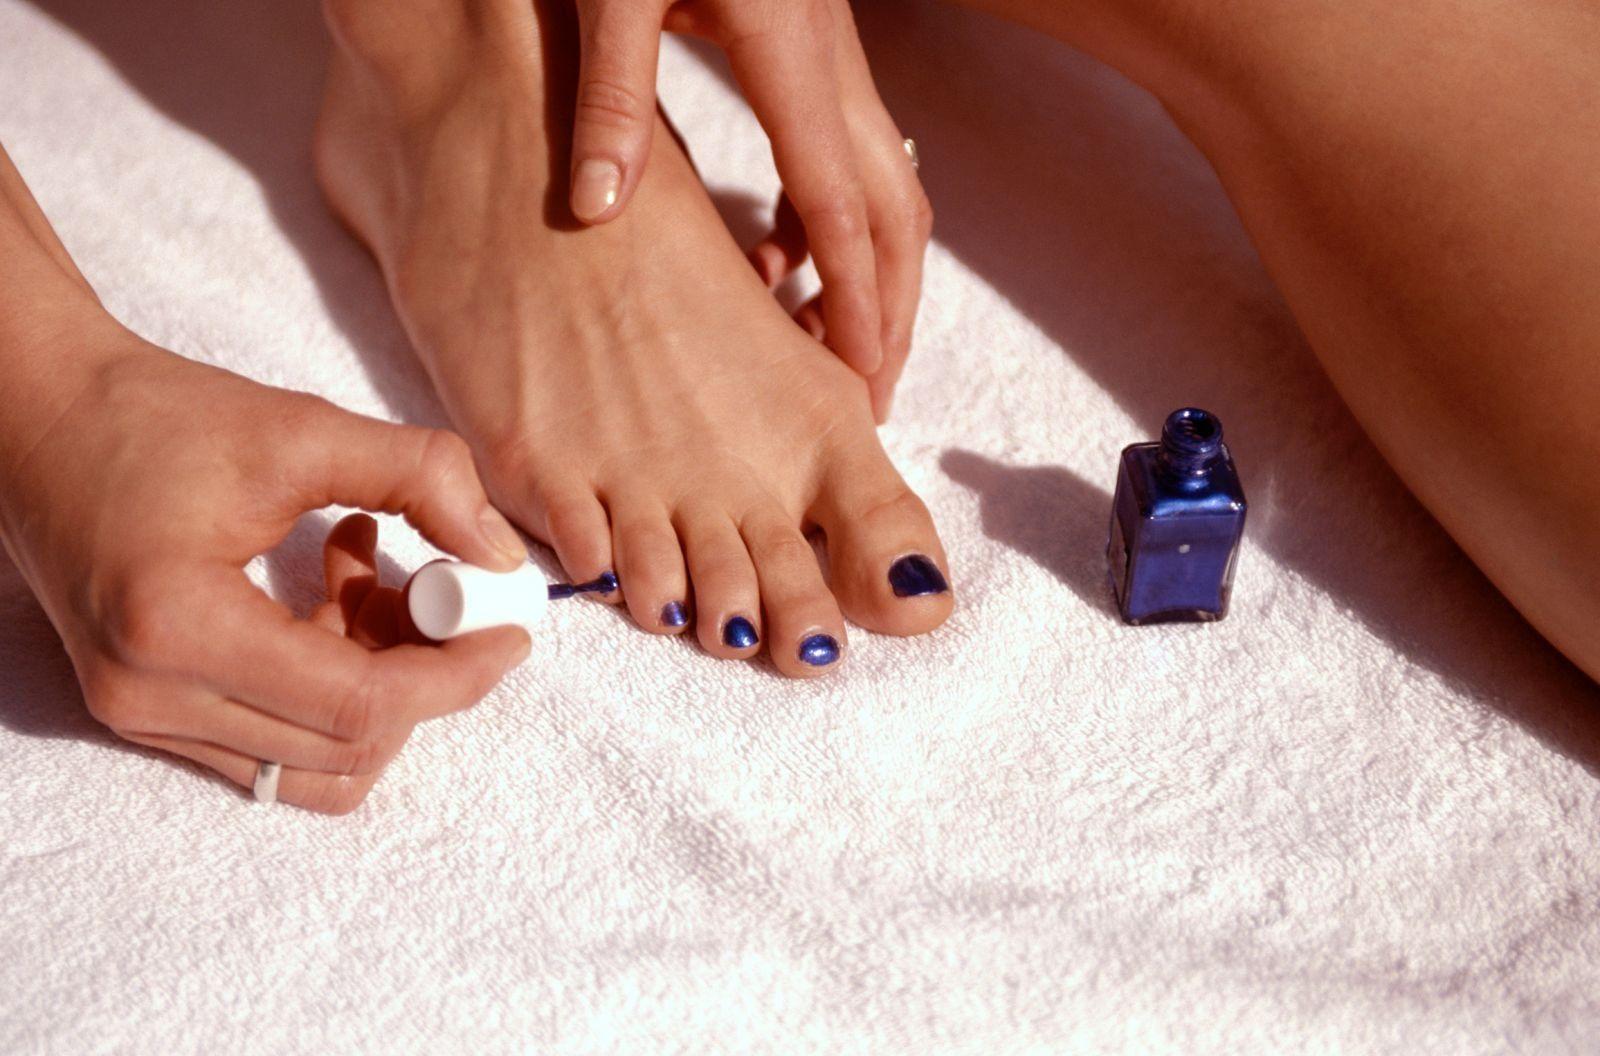 Лесбиянки красят ноготь